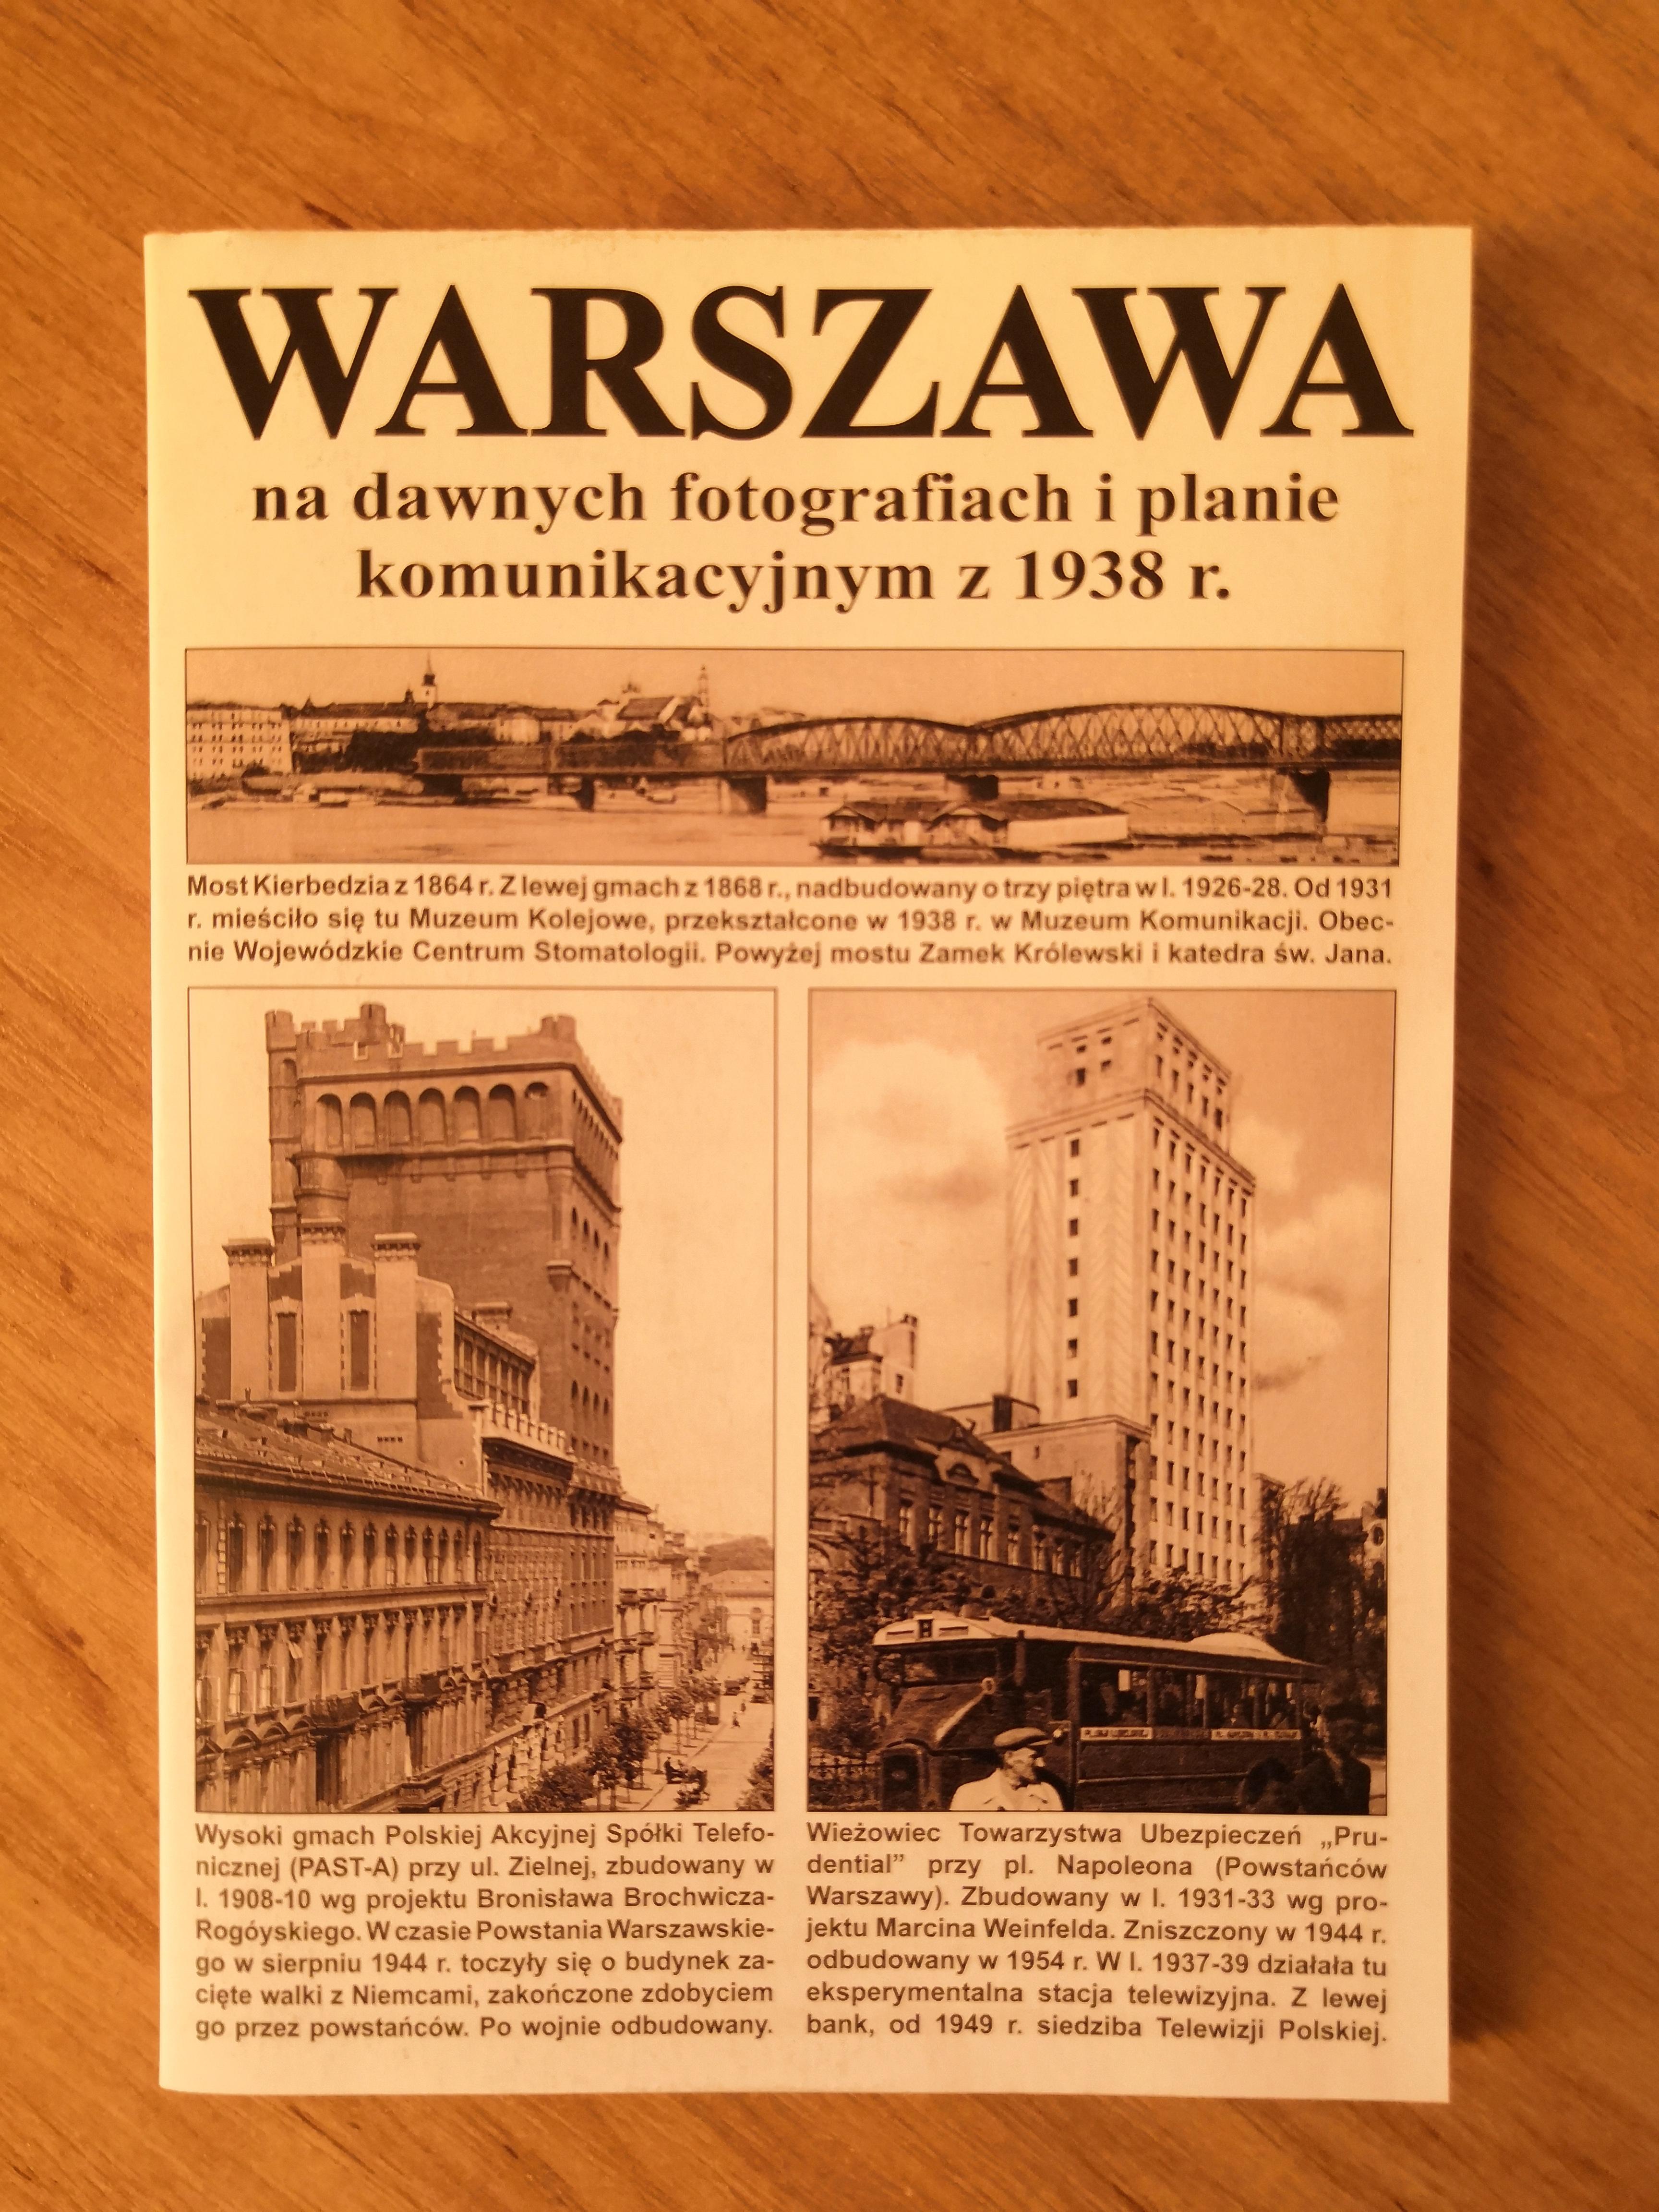 Warszawa na dawnych fotografiach i planie komunikacyjnym z 1938 r. (J.A.Krawczyk)